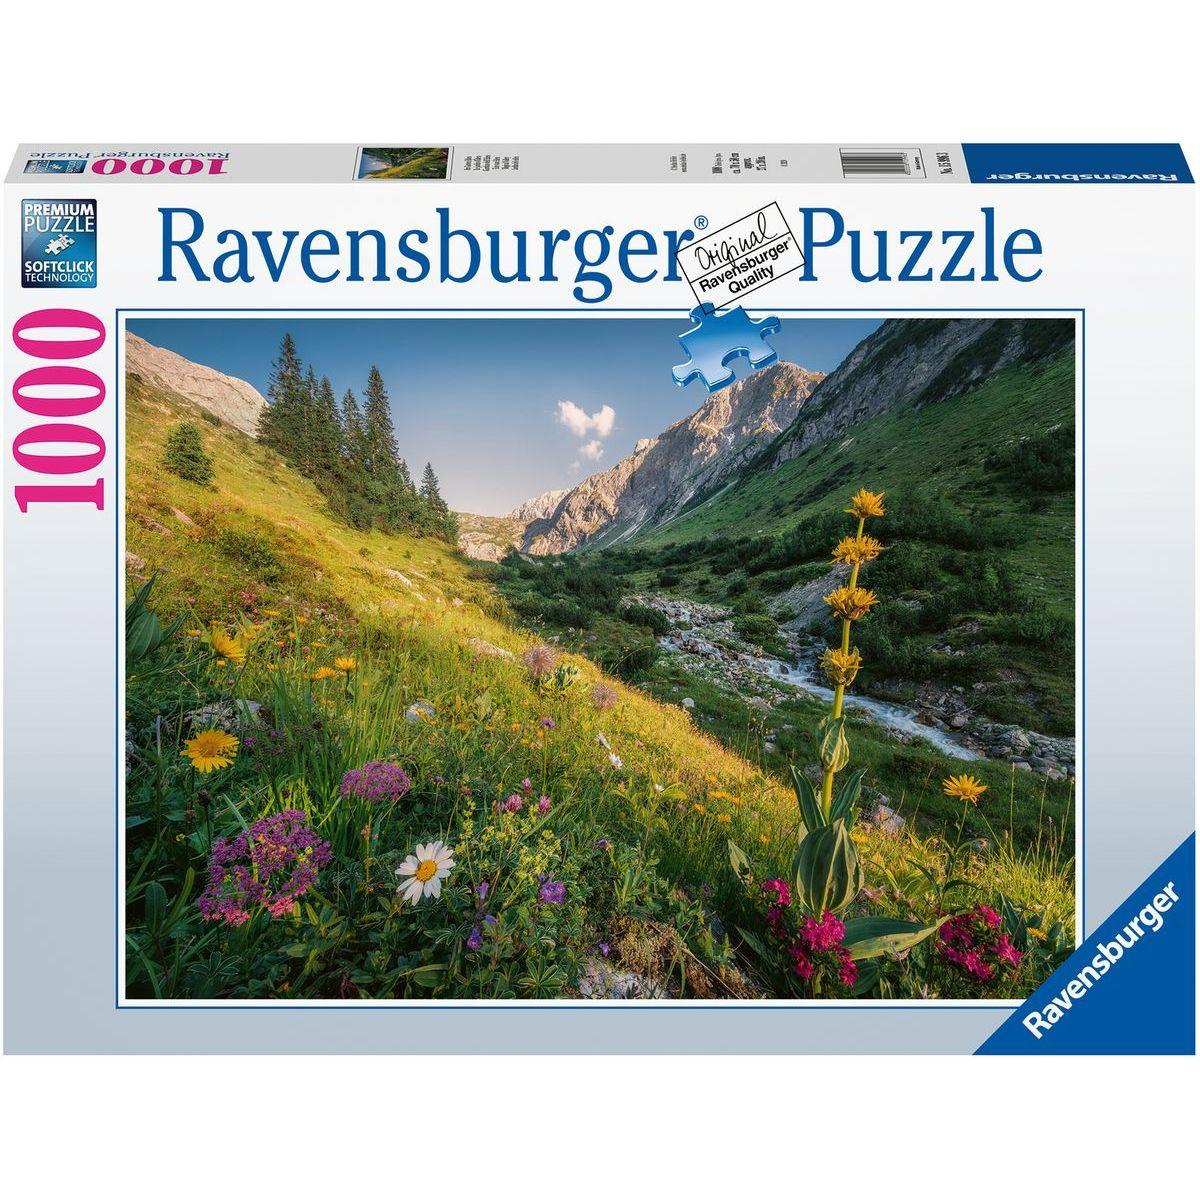 Ravensburger puzzle 159963 V rajskej záhrade 1000 dielikov